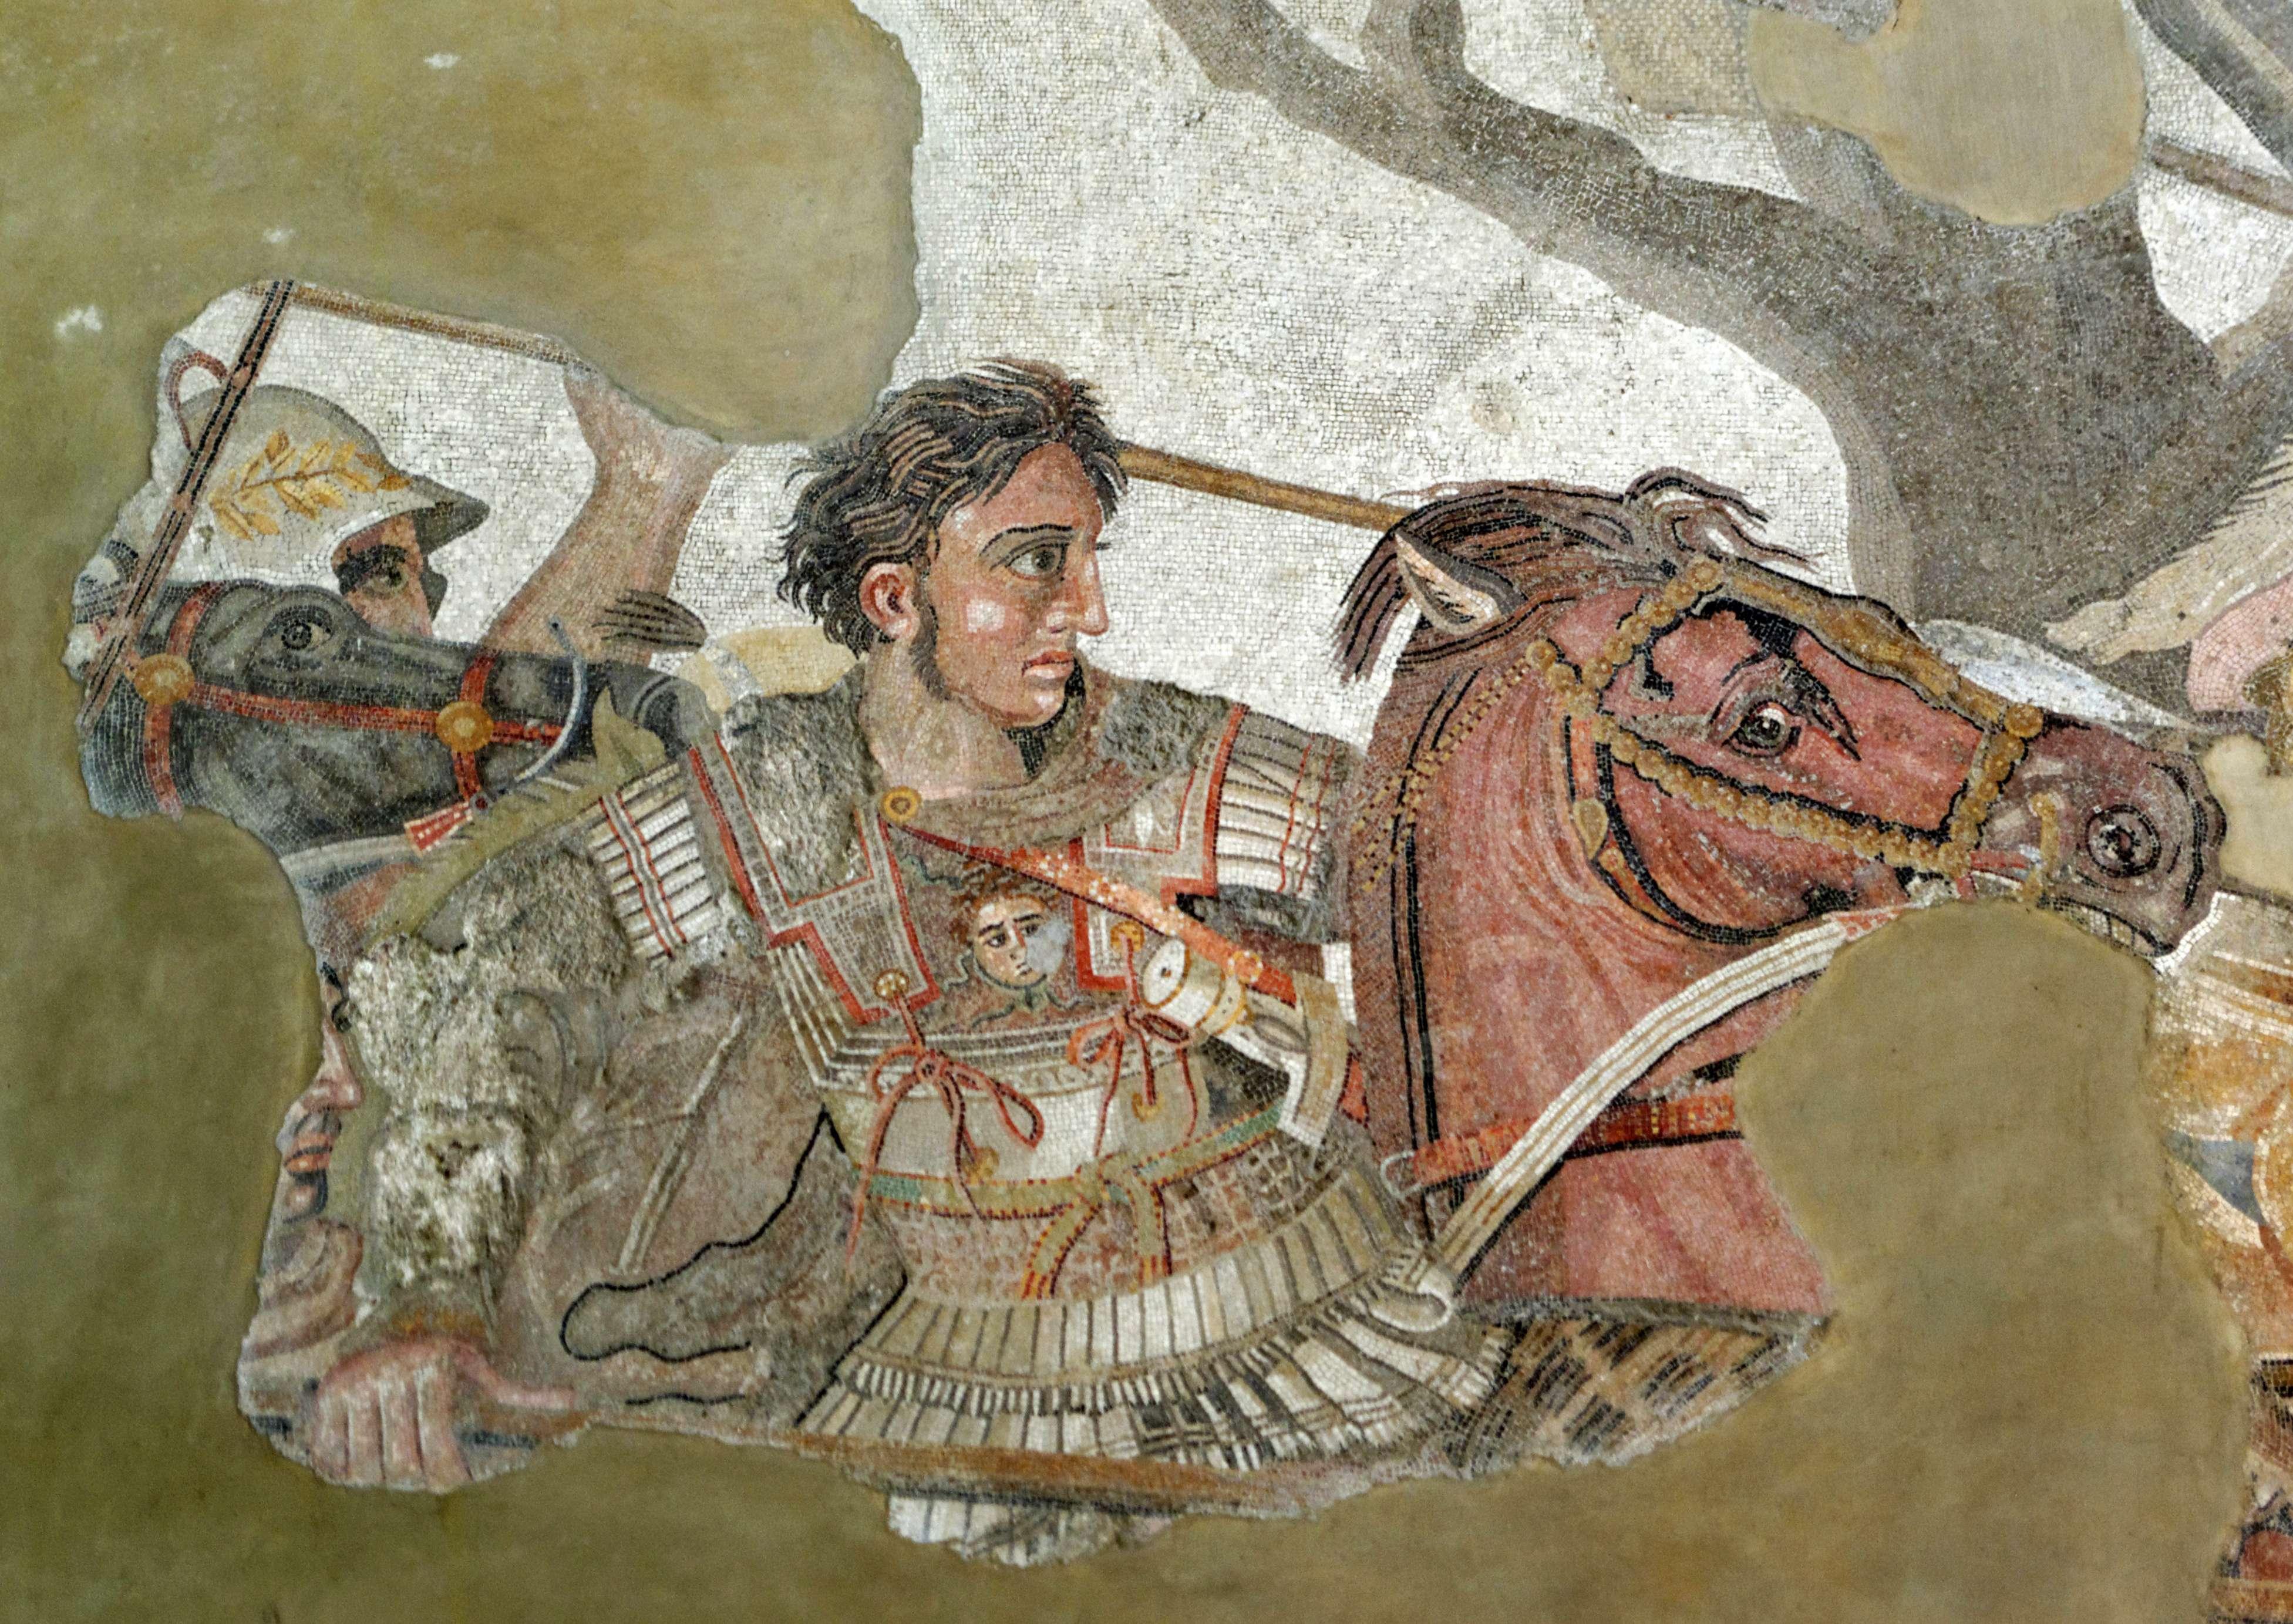 Ο Αλέξανδρος στη μάχη της Ισσού. Λεπτομέρεια ψηφιδωτού από την οικία του Φαύνου στην Πομπηία (περ. 100 π.Χ.).